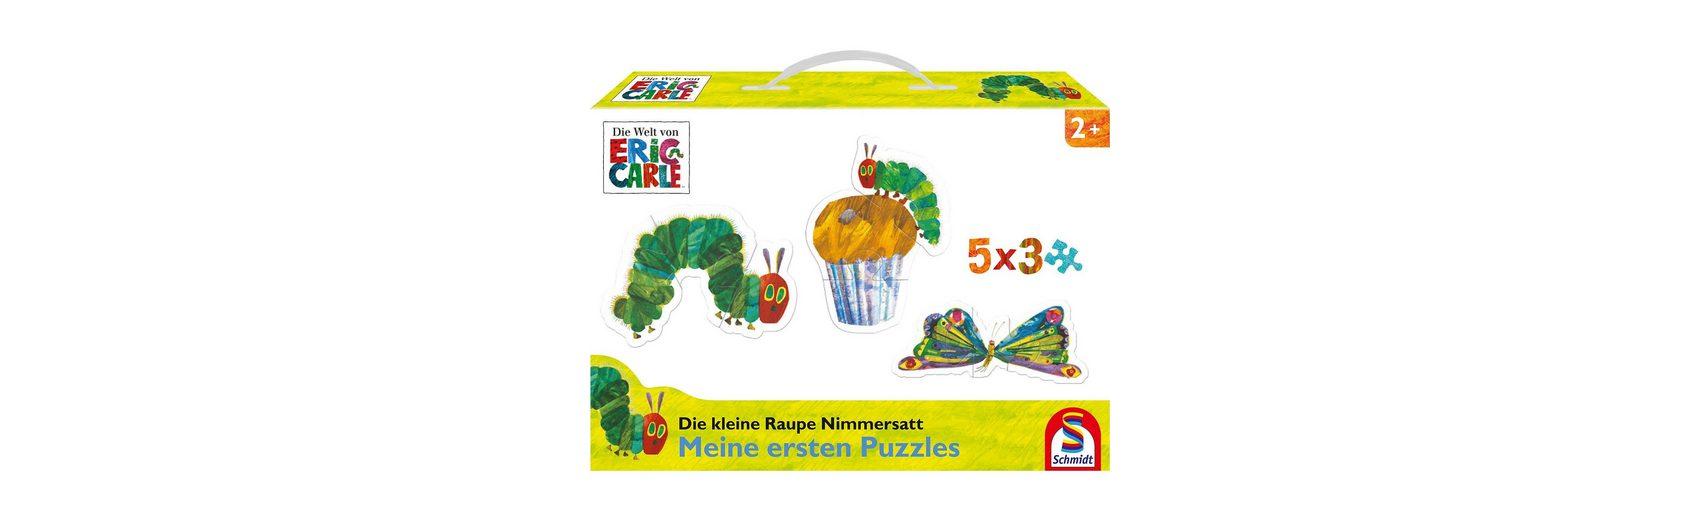 Schmidt Spiele Konturpuzzle Die kleine Raupe Nimmersatt, 5 x 3 Teile